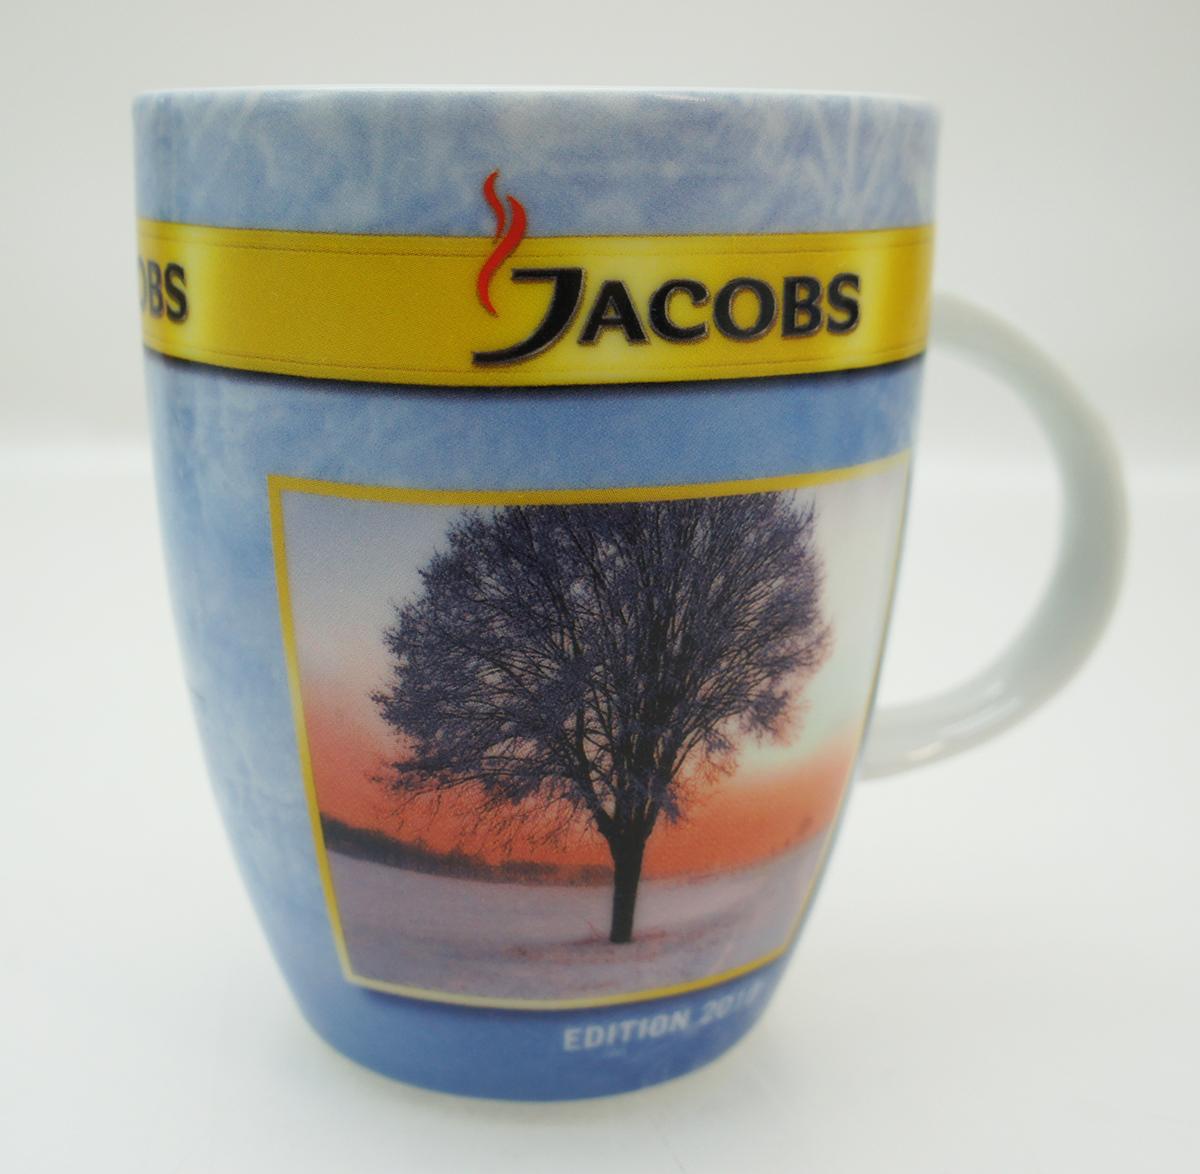 Edition Ritzenhoff Jacobs Krönung 6x Tasse Tassen 2008 2009 2010 2011 2012 11